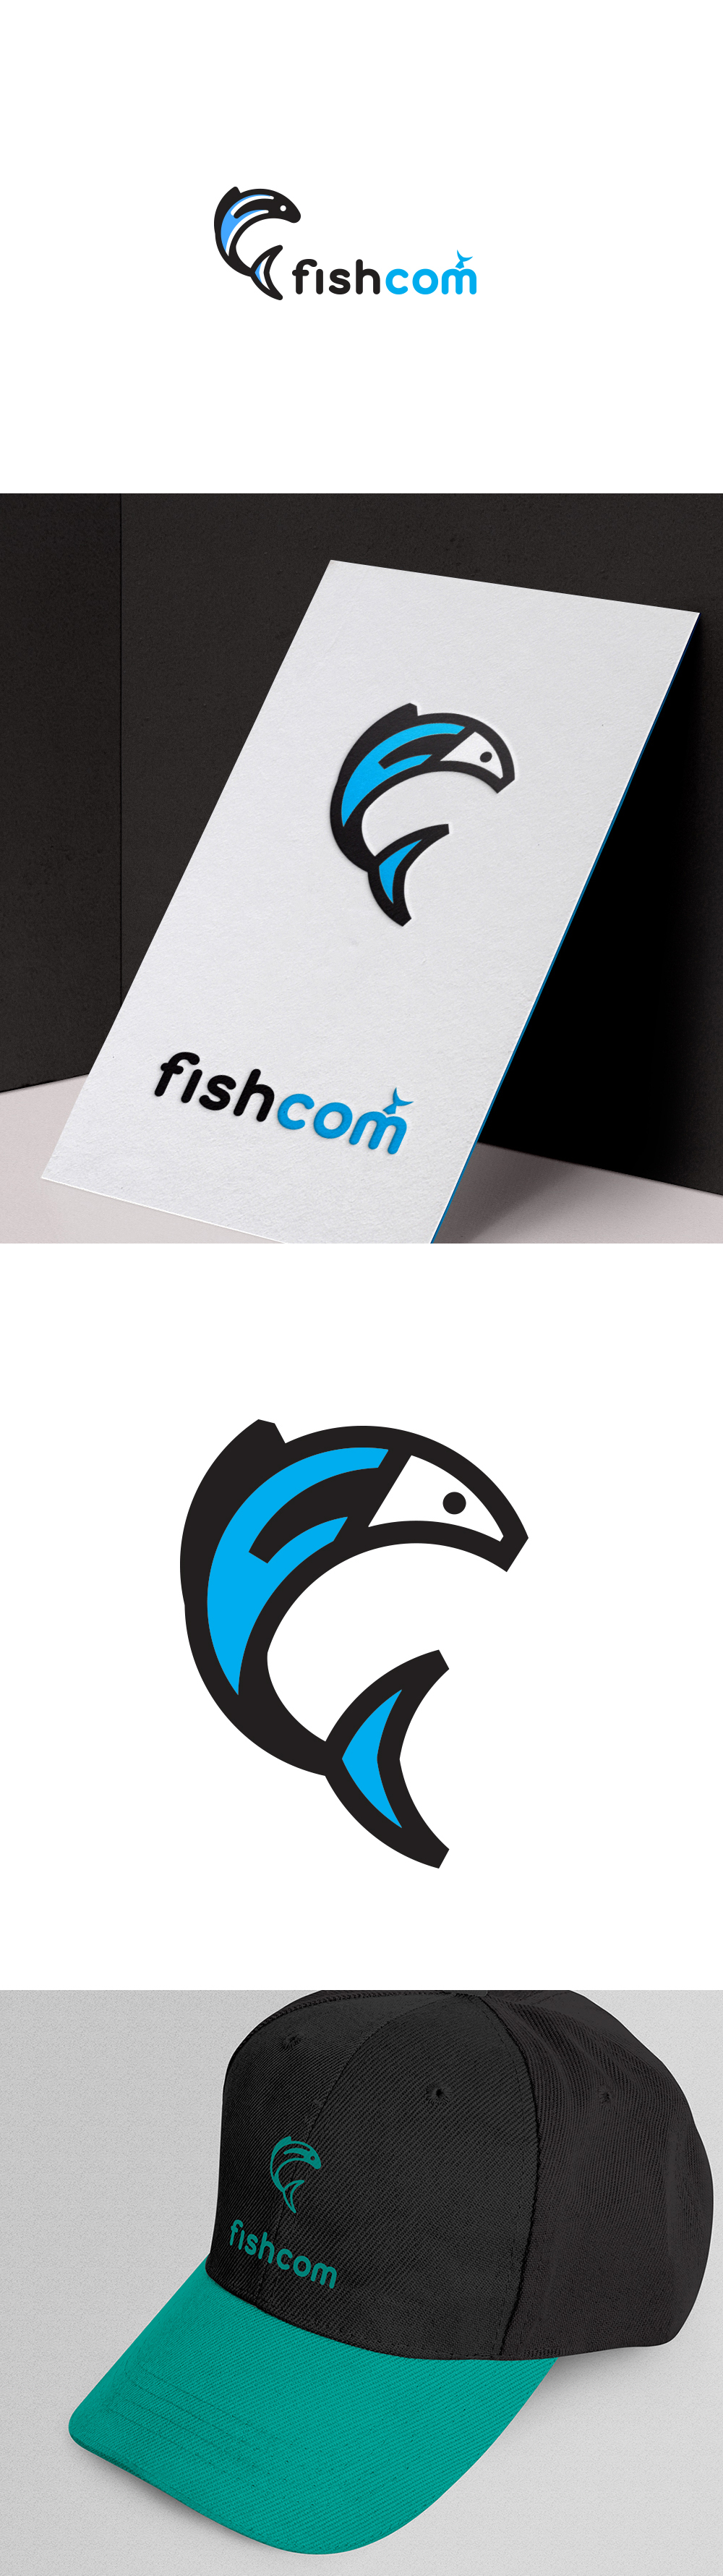 Создание логотипа и брэндбука для компании РЫБКОМ фото f_2485c184a6fbe44d.jpg